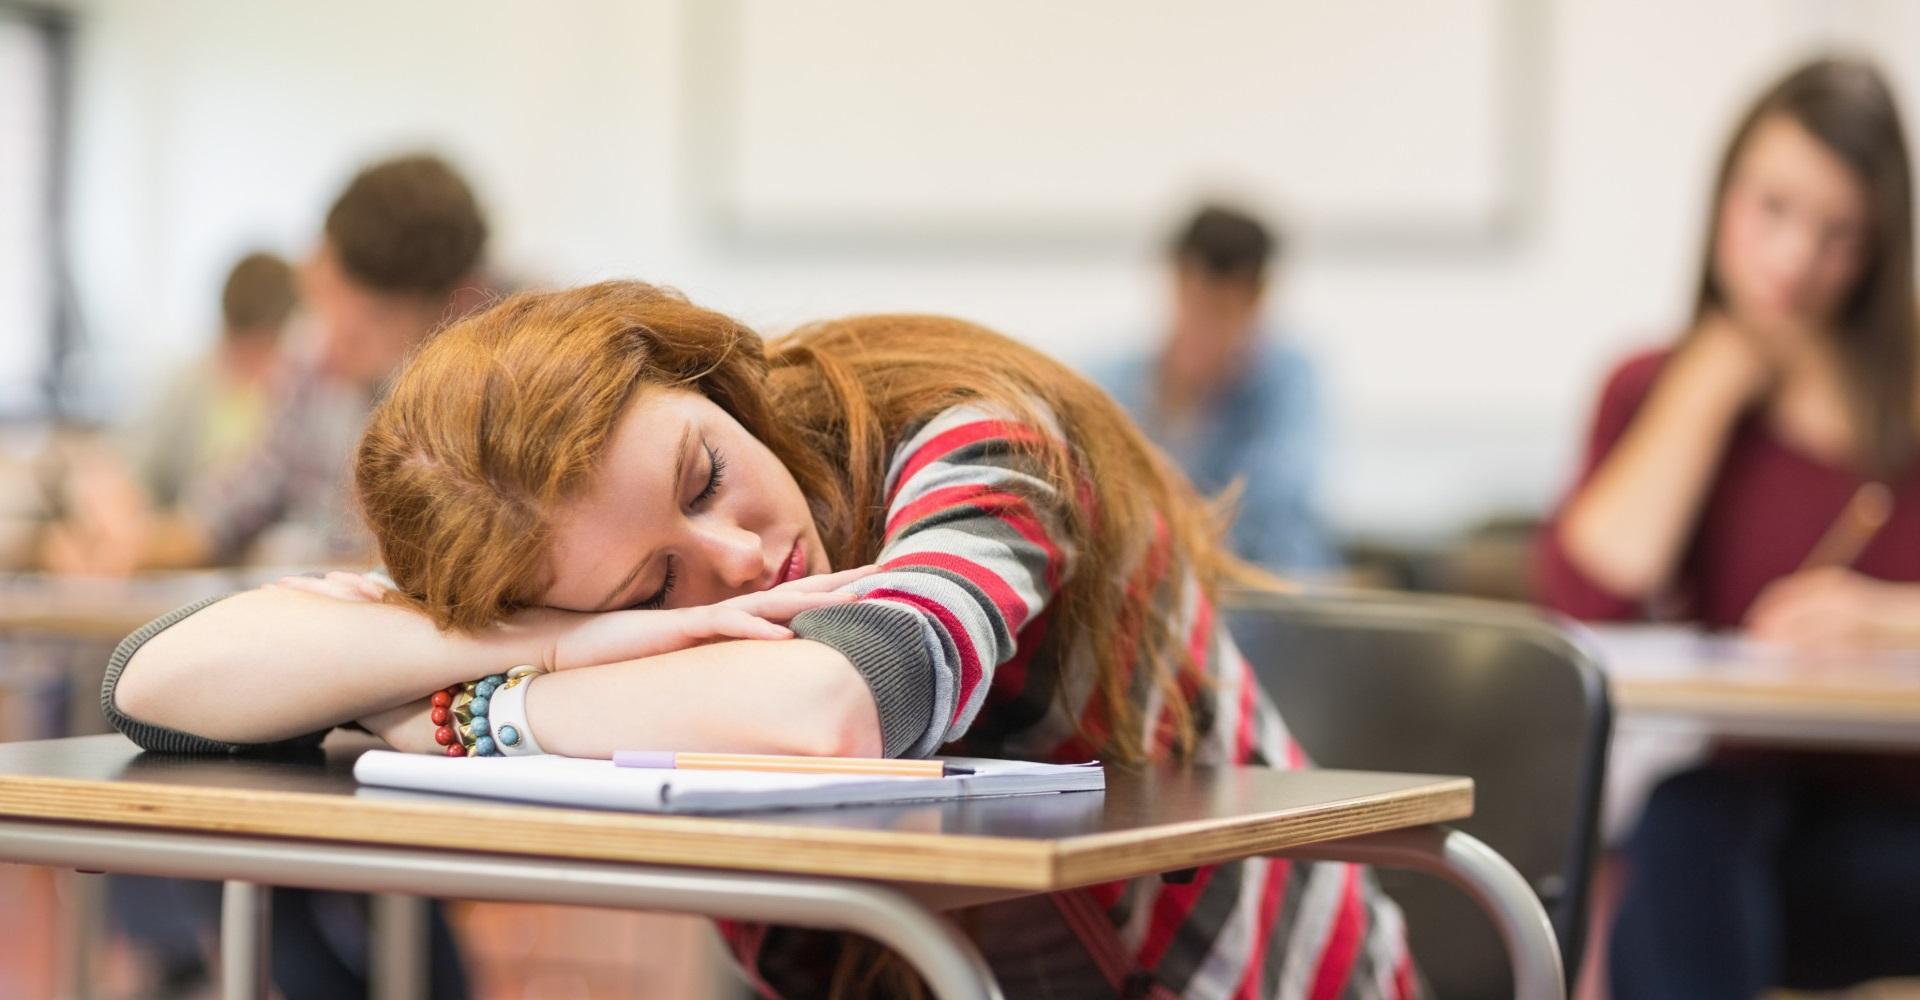 Una giovane donna dorme su un banco, vittima delle storture della formazione italiana